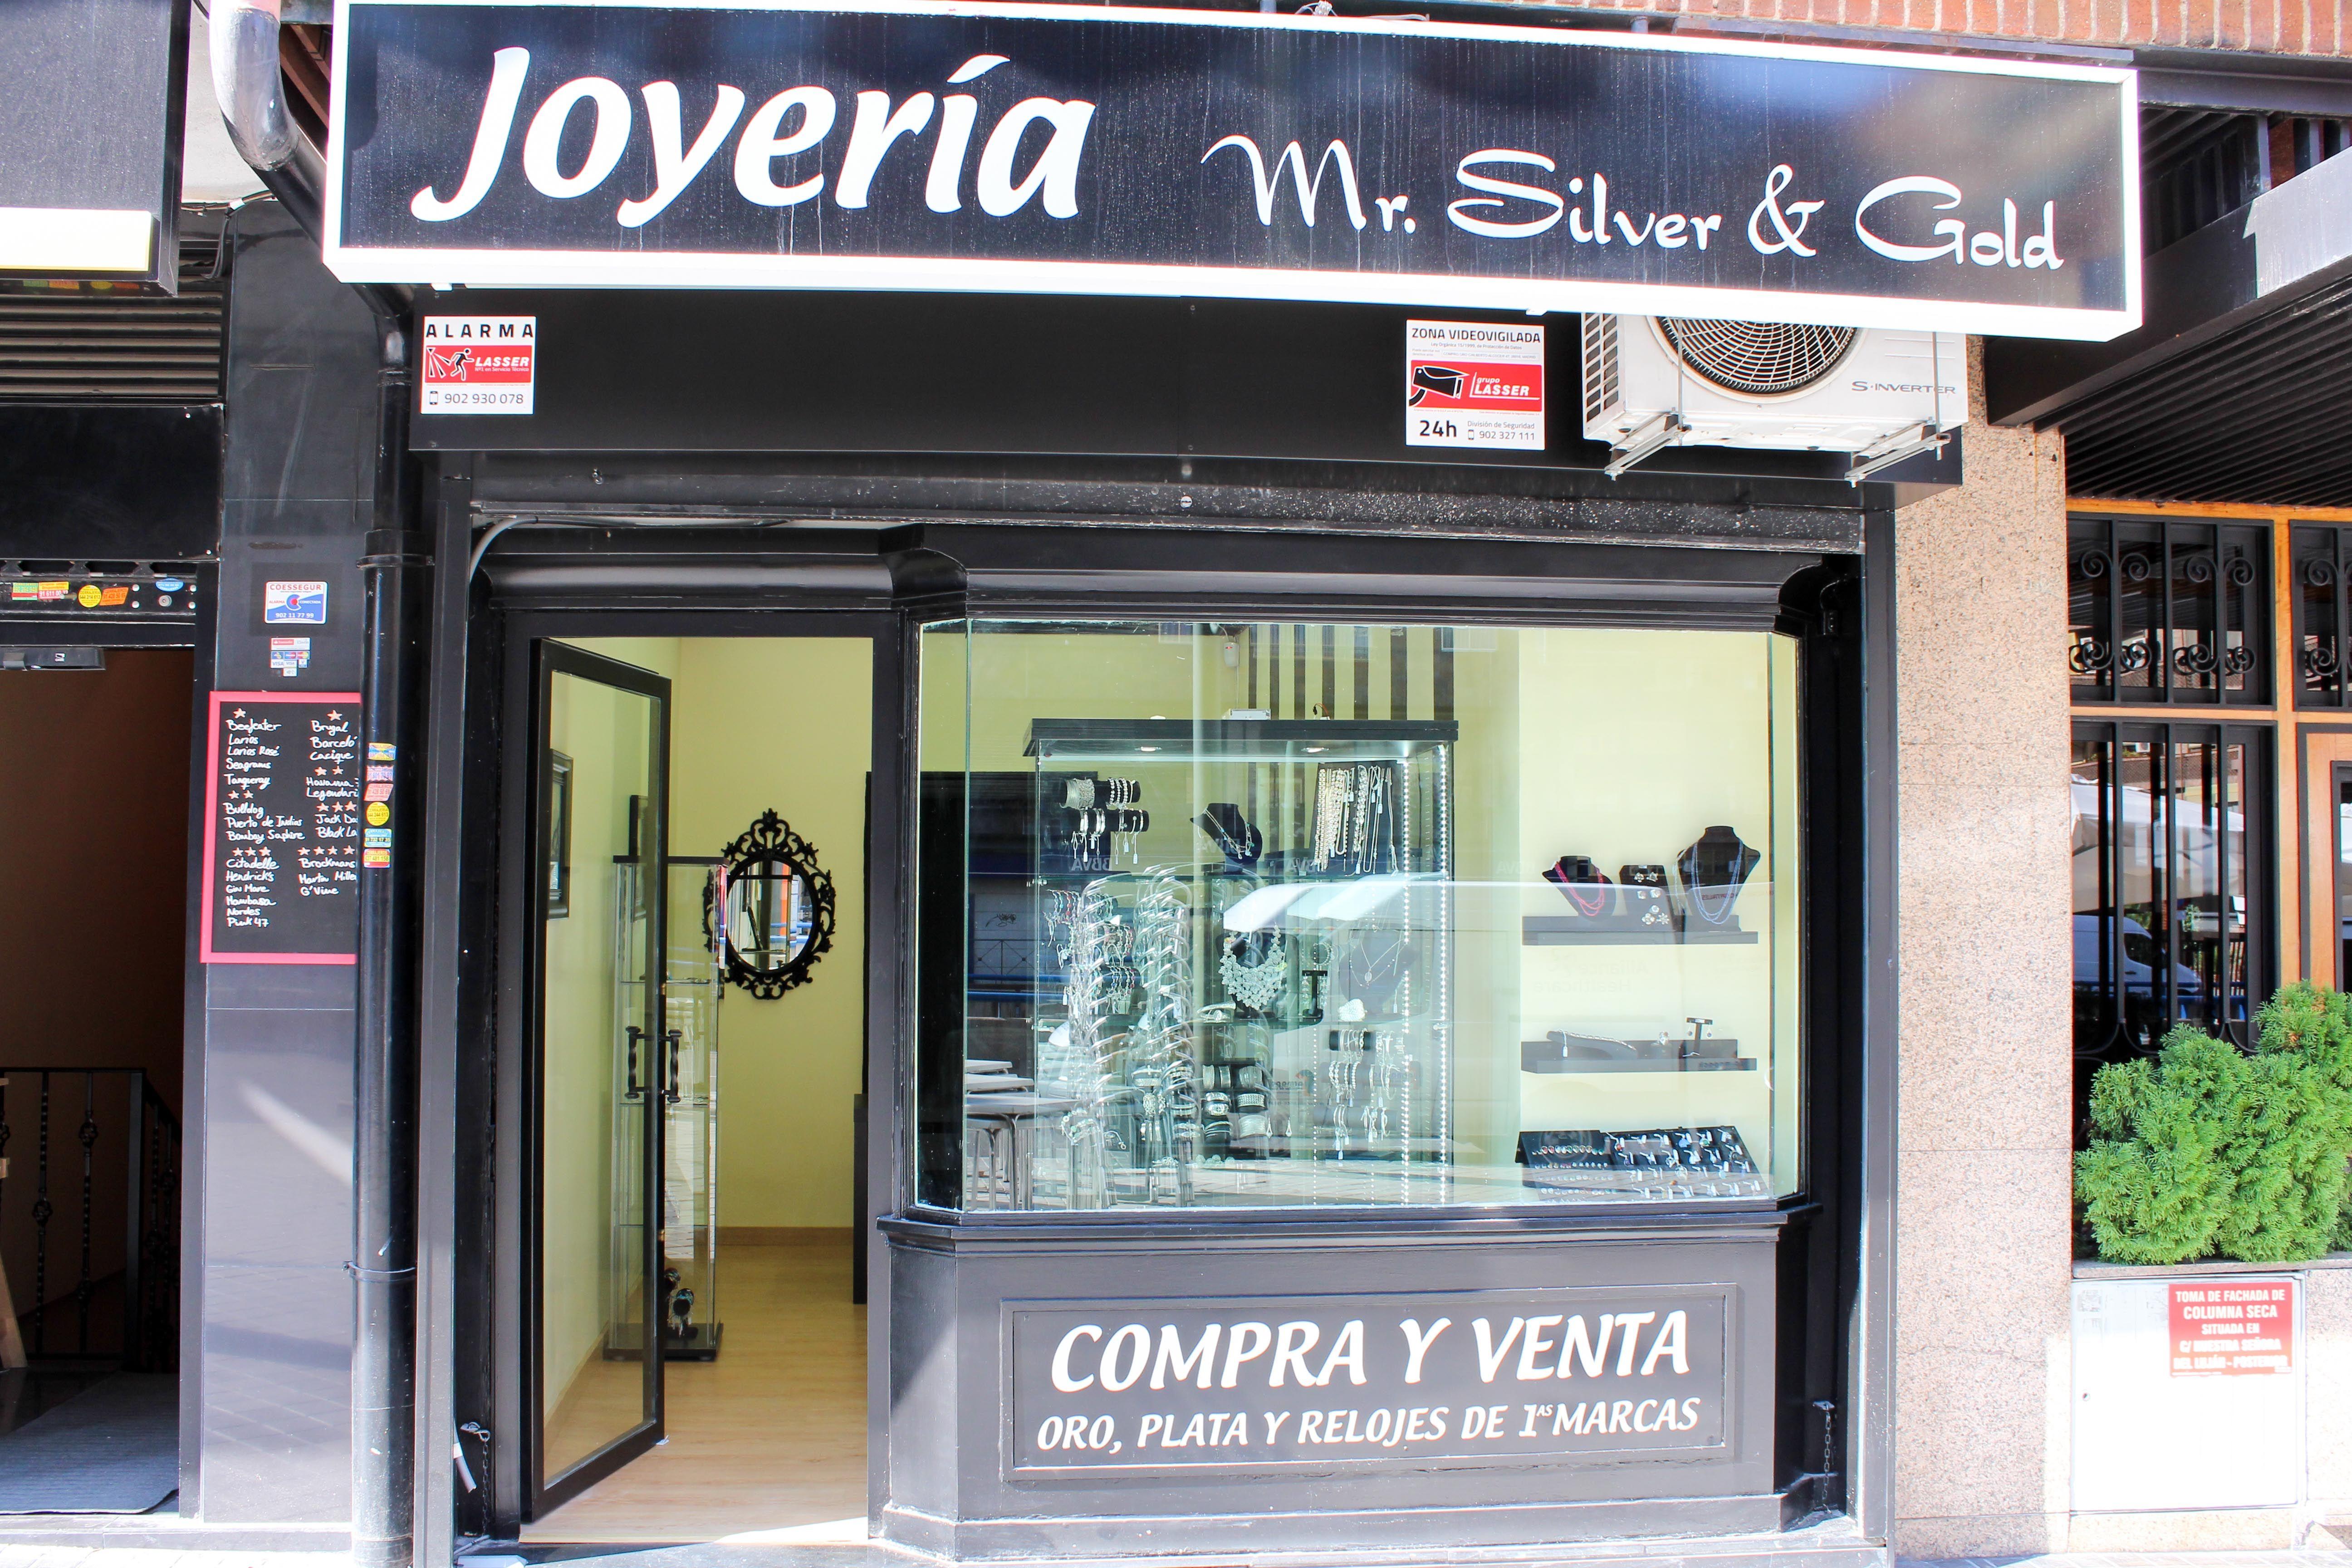 Foto 1 de Compraventa de oro y plata en Madrid | MR. SILVER & GOLD